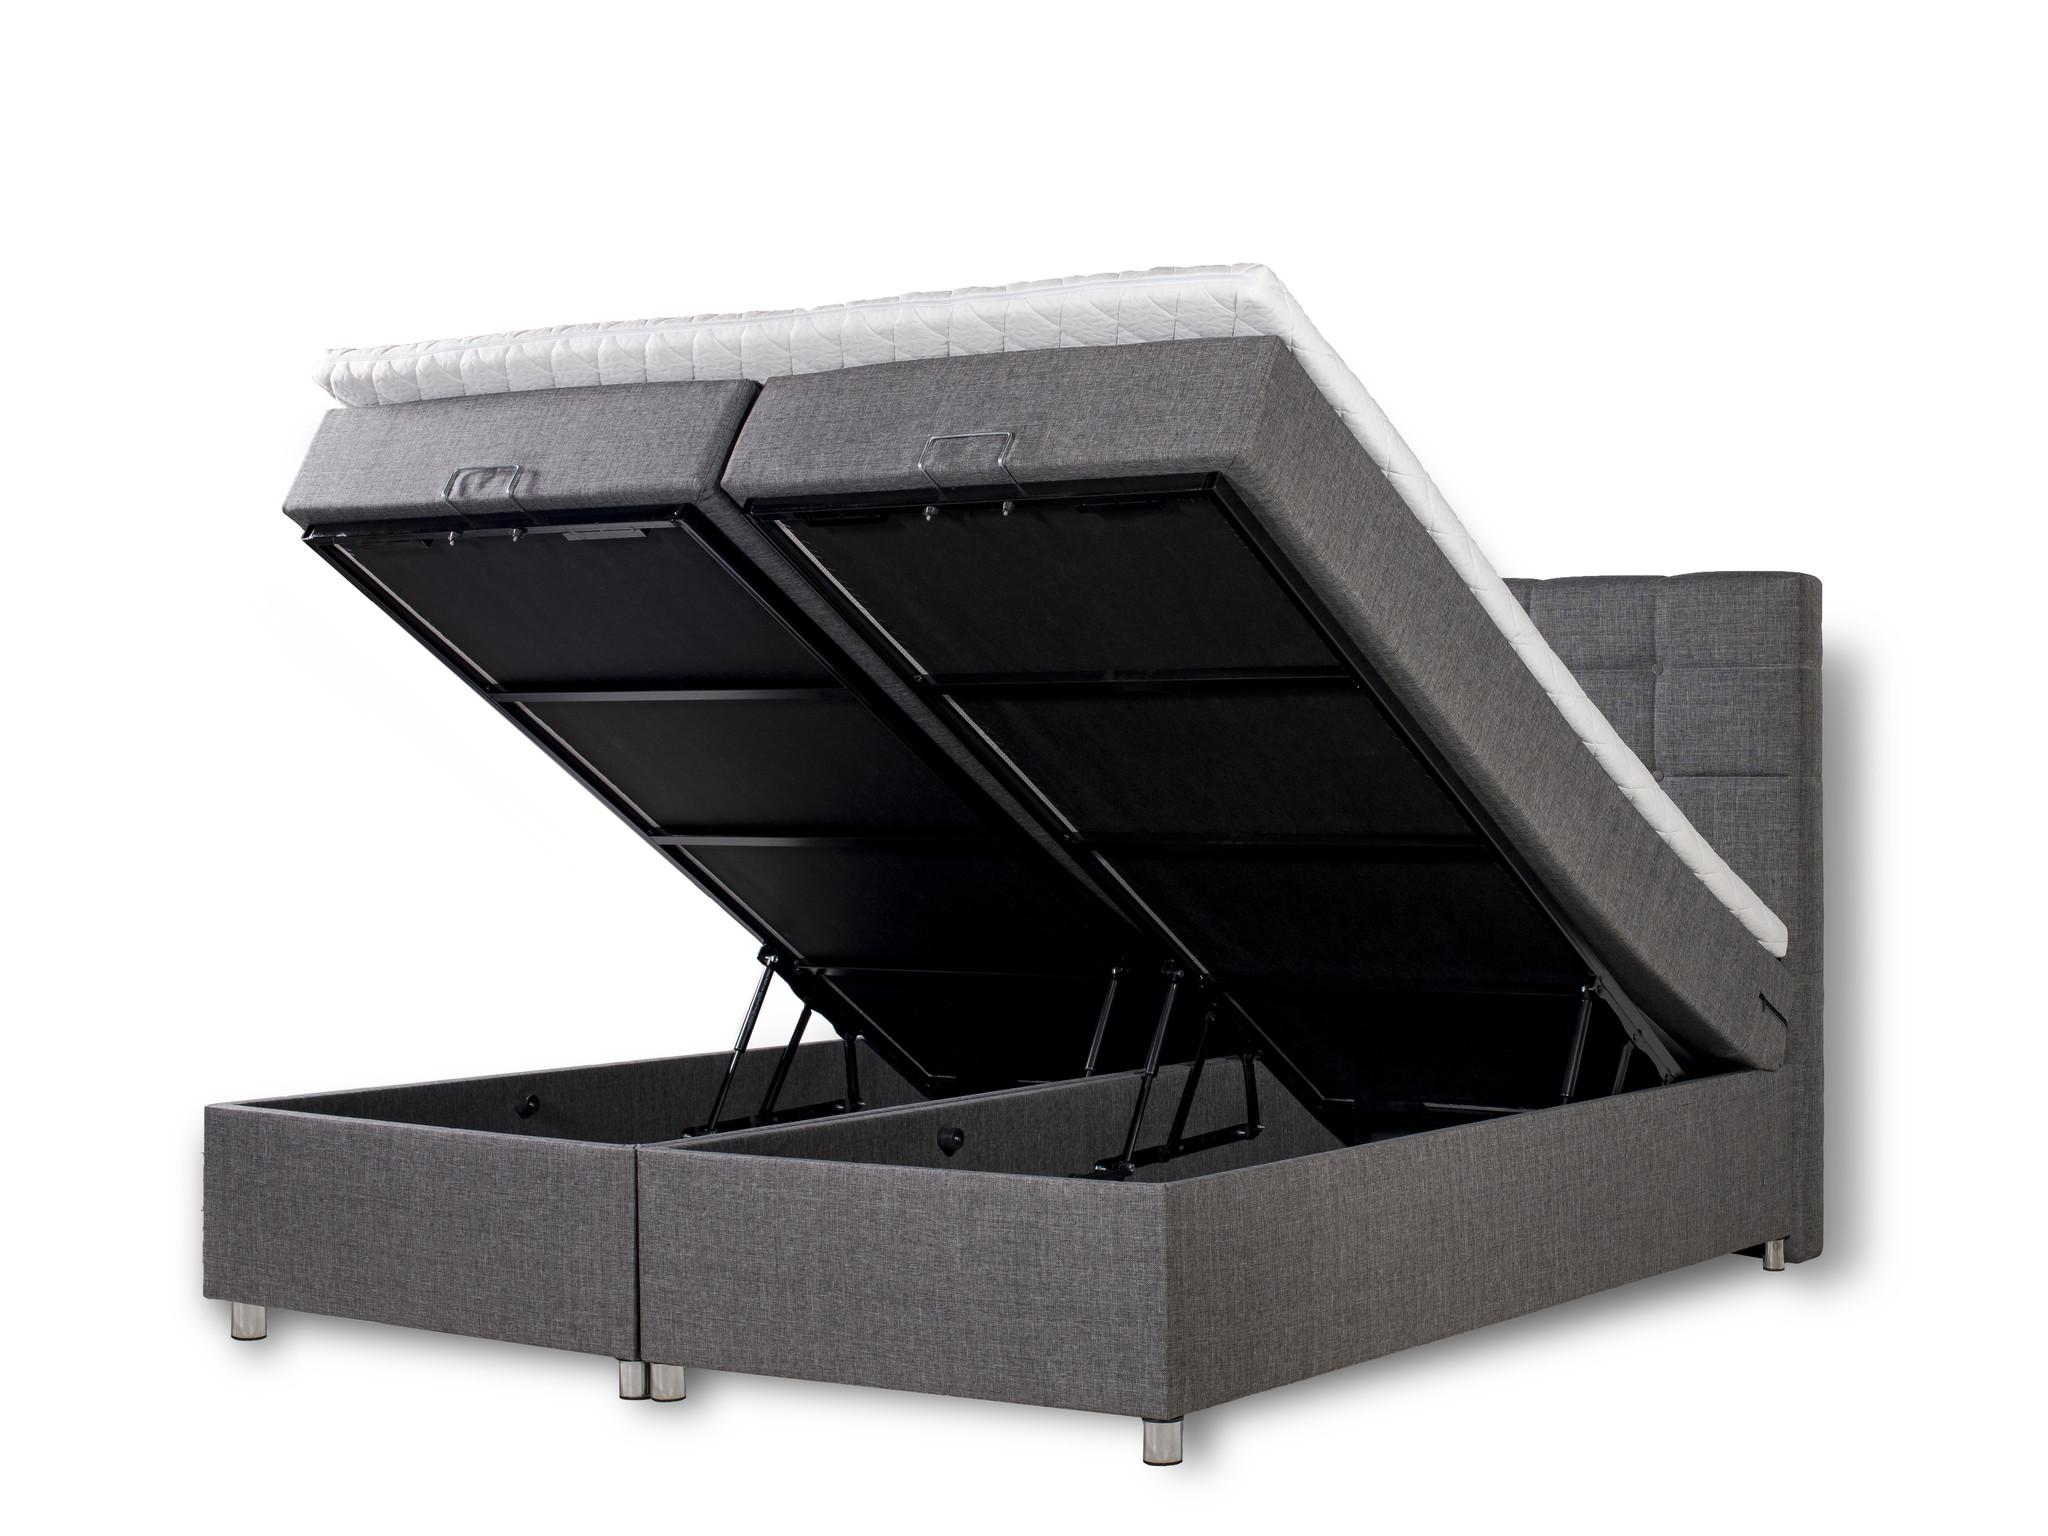 Norsholm Storage Boxspringset